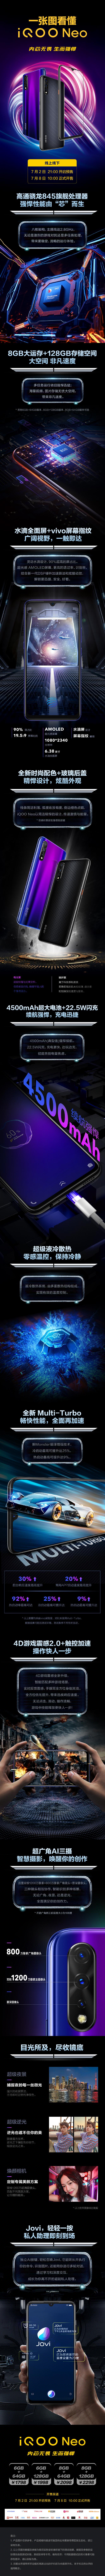 一张图看懂iQOO Neo智能手机-玩懂手机网 - 玩懂手机第一手的手机资讯网(www.wdshouji.com)